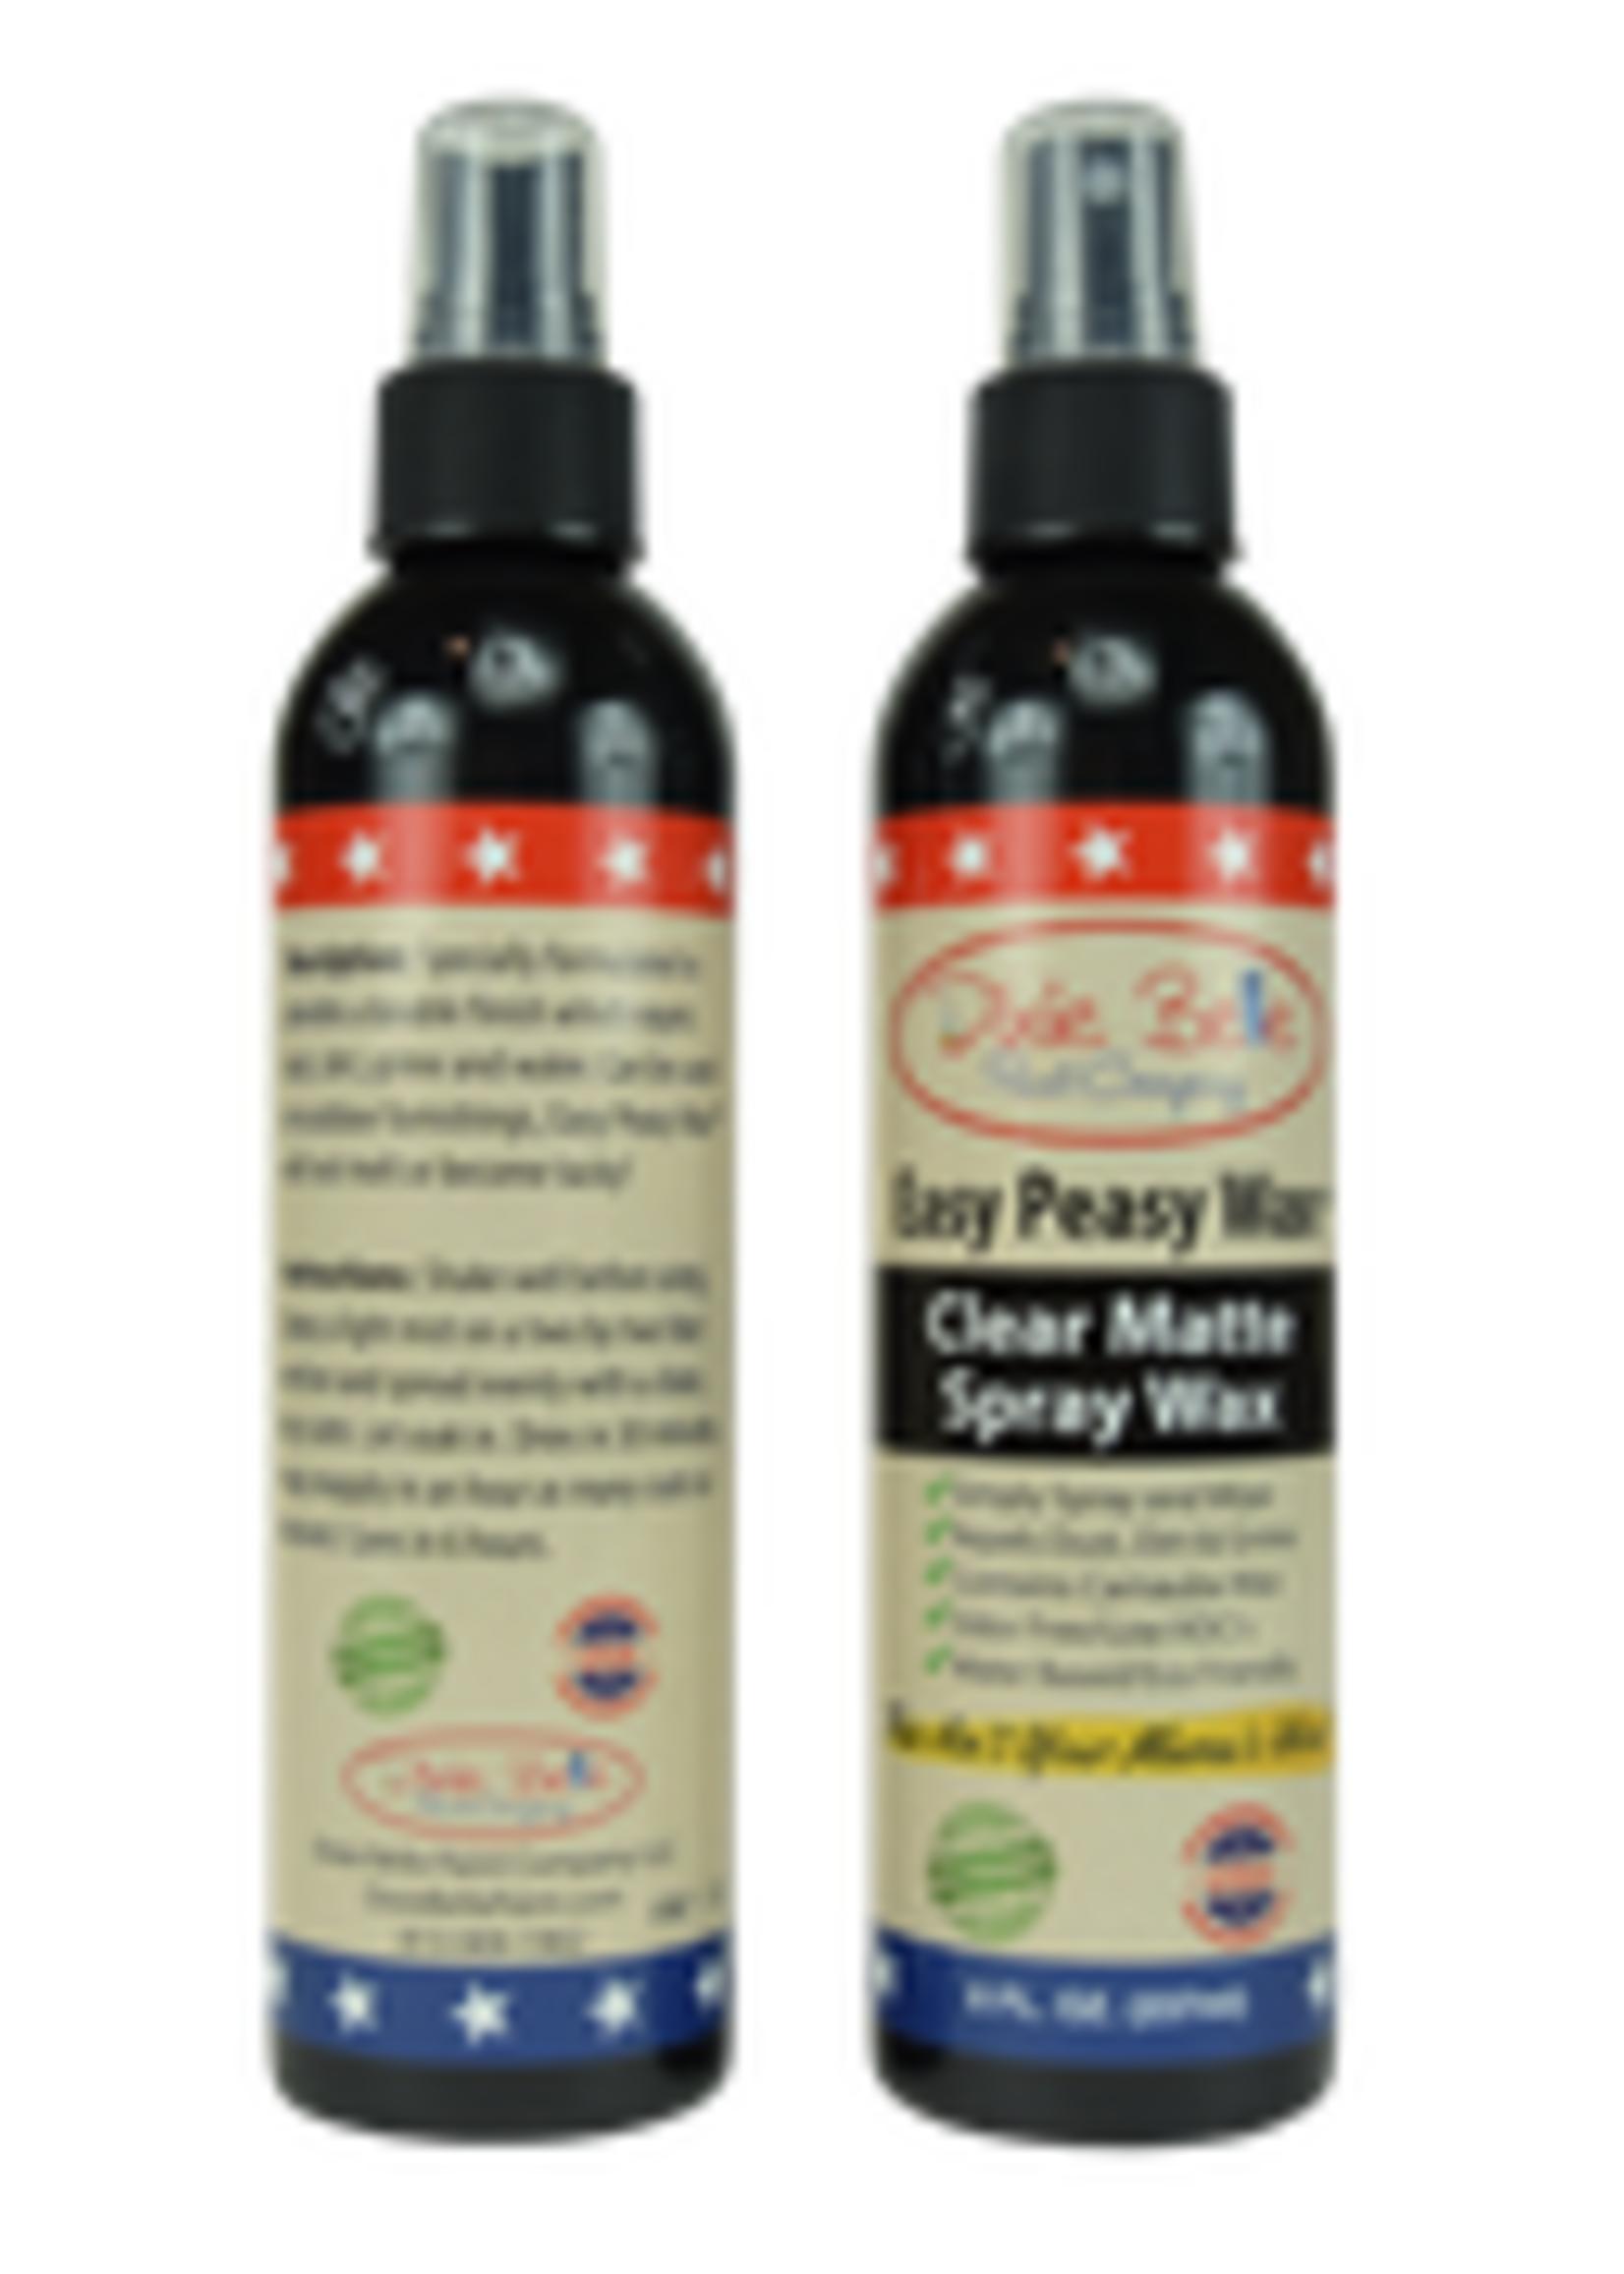 Easy Peasy Spray Wax